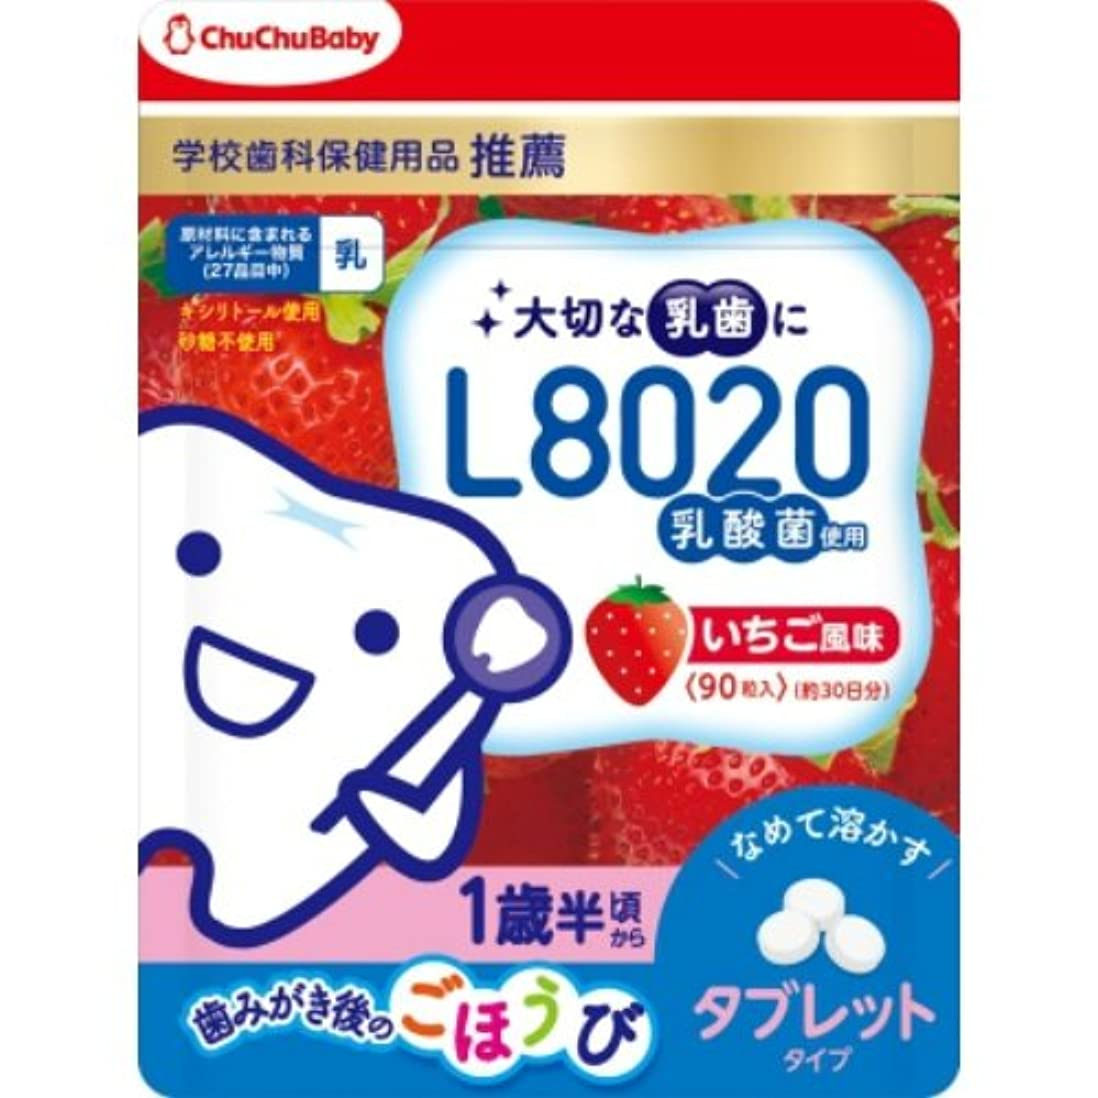 春副詞拮抗するL8020乳酸菌チュチュベビータブレットいちご風味 × 5個セット